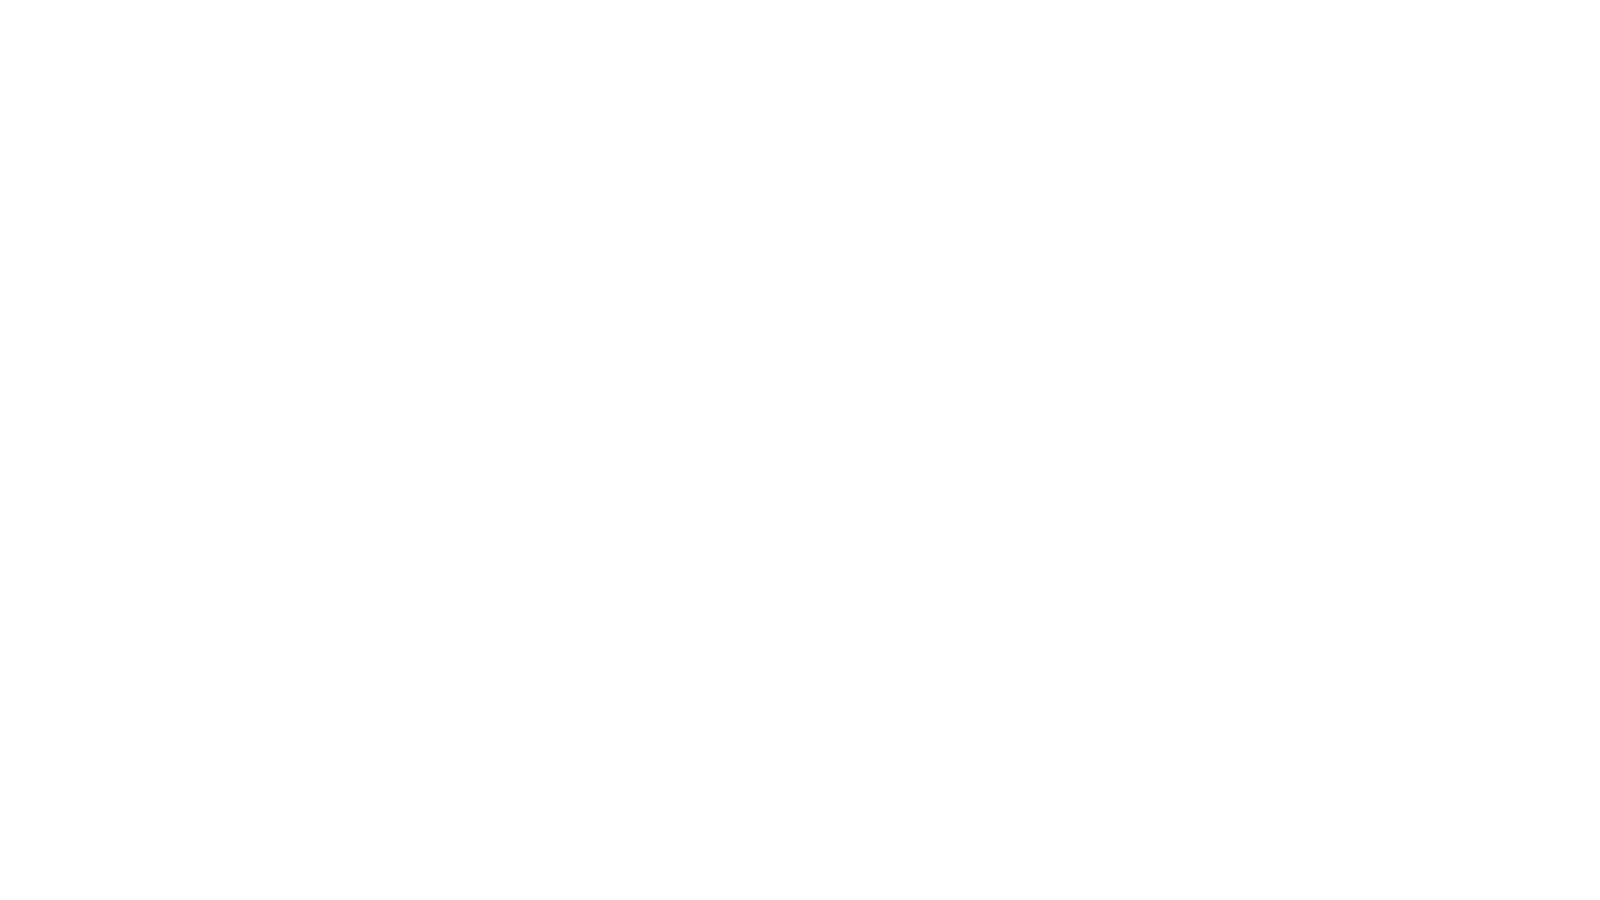 Gravado ao VIVO no fantástico hotel Vidamar no mês de Agosto de 2019. Banda de Suporte de Ricardo Sousa. Gustavo Gonçalves Bateria, Claudio Barras, Baixo, Pedro Barroso Guitarra Eléctrica, João Rocha Trompete. Desenho de Iluminação Miguel Lopes. Gravado e editado por MC Crew Drones